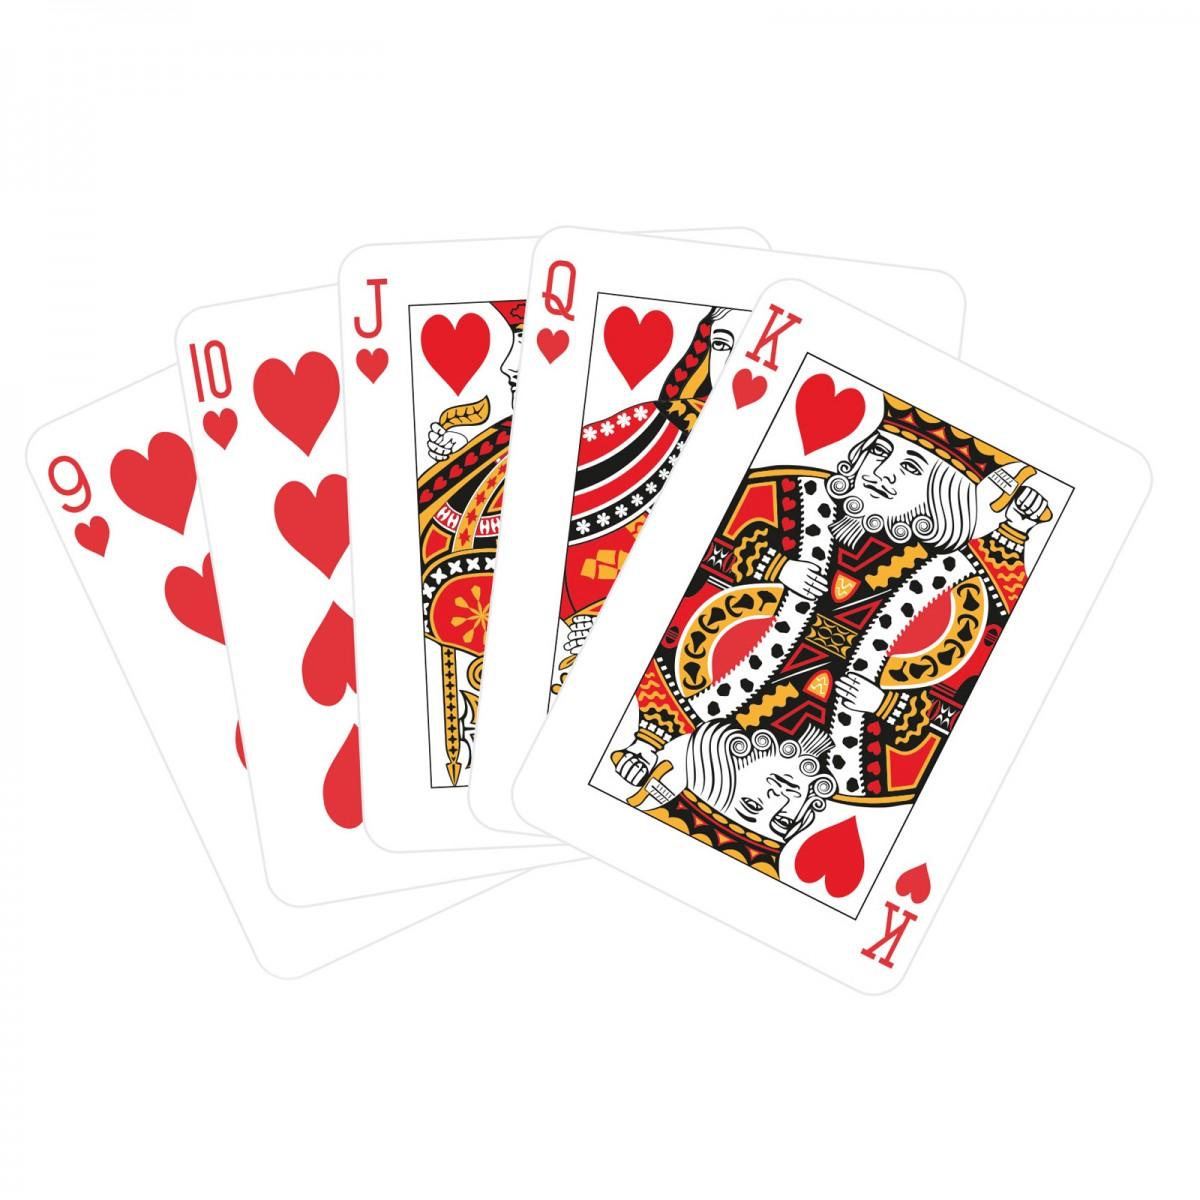 Best slot machines to play at chumash casino